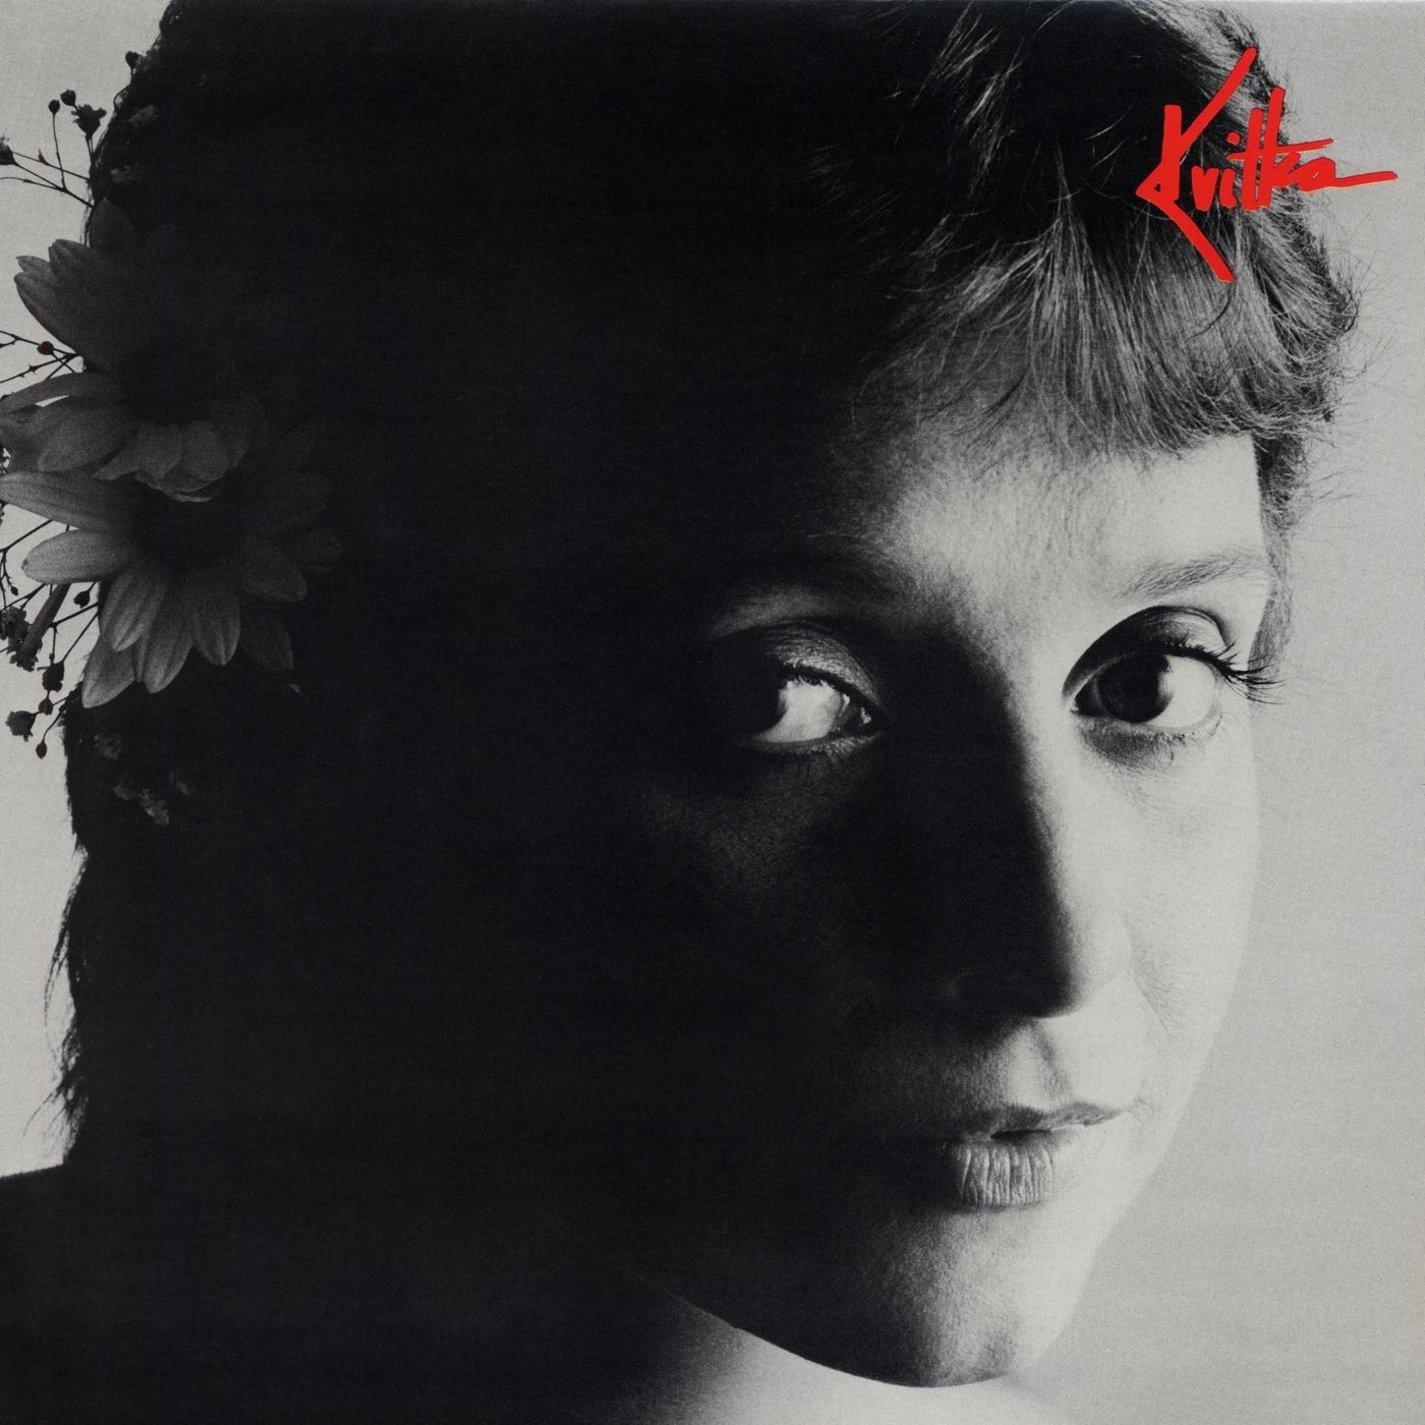 Kvitka: Songs of Ukraine